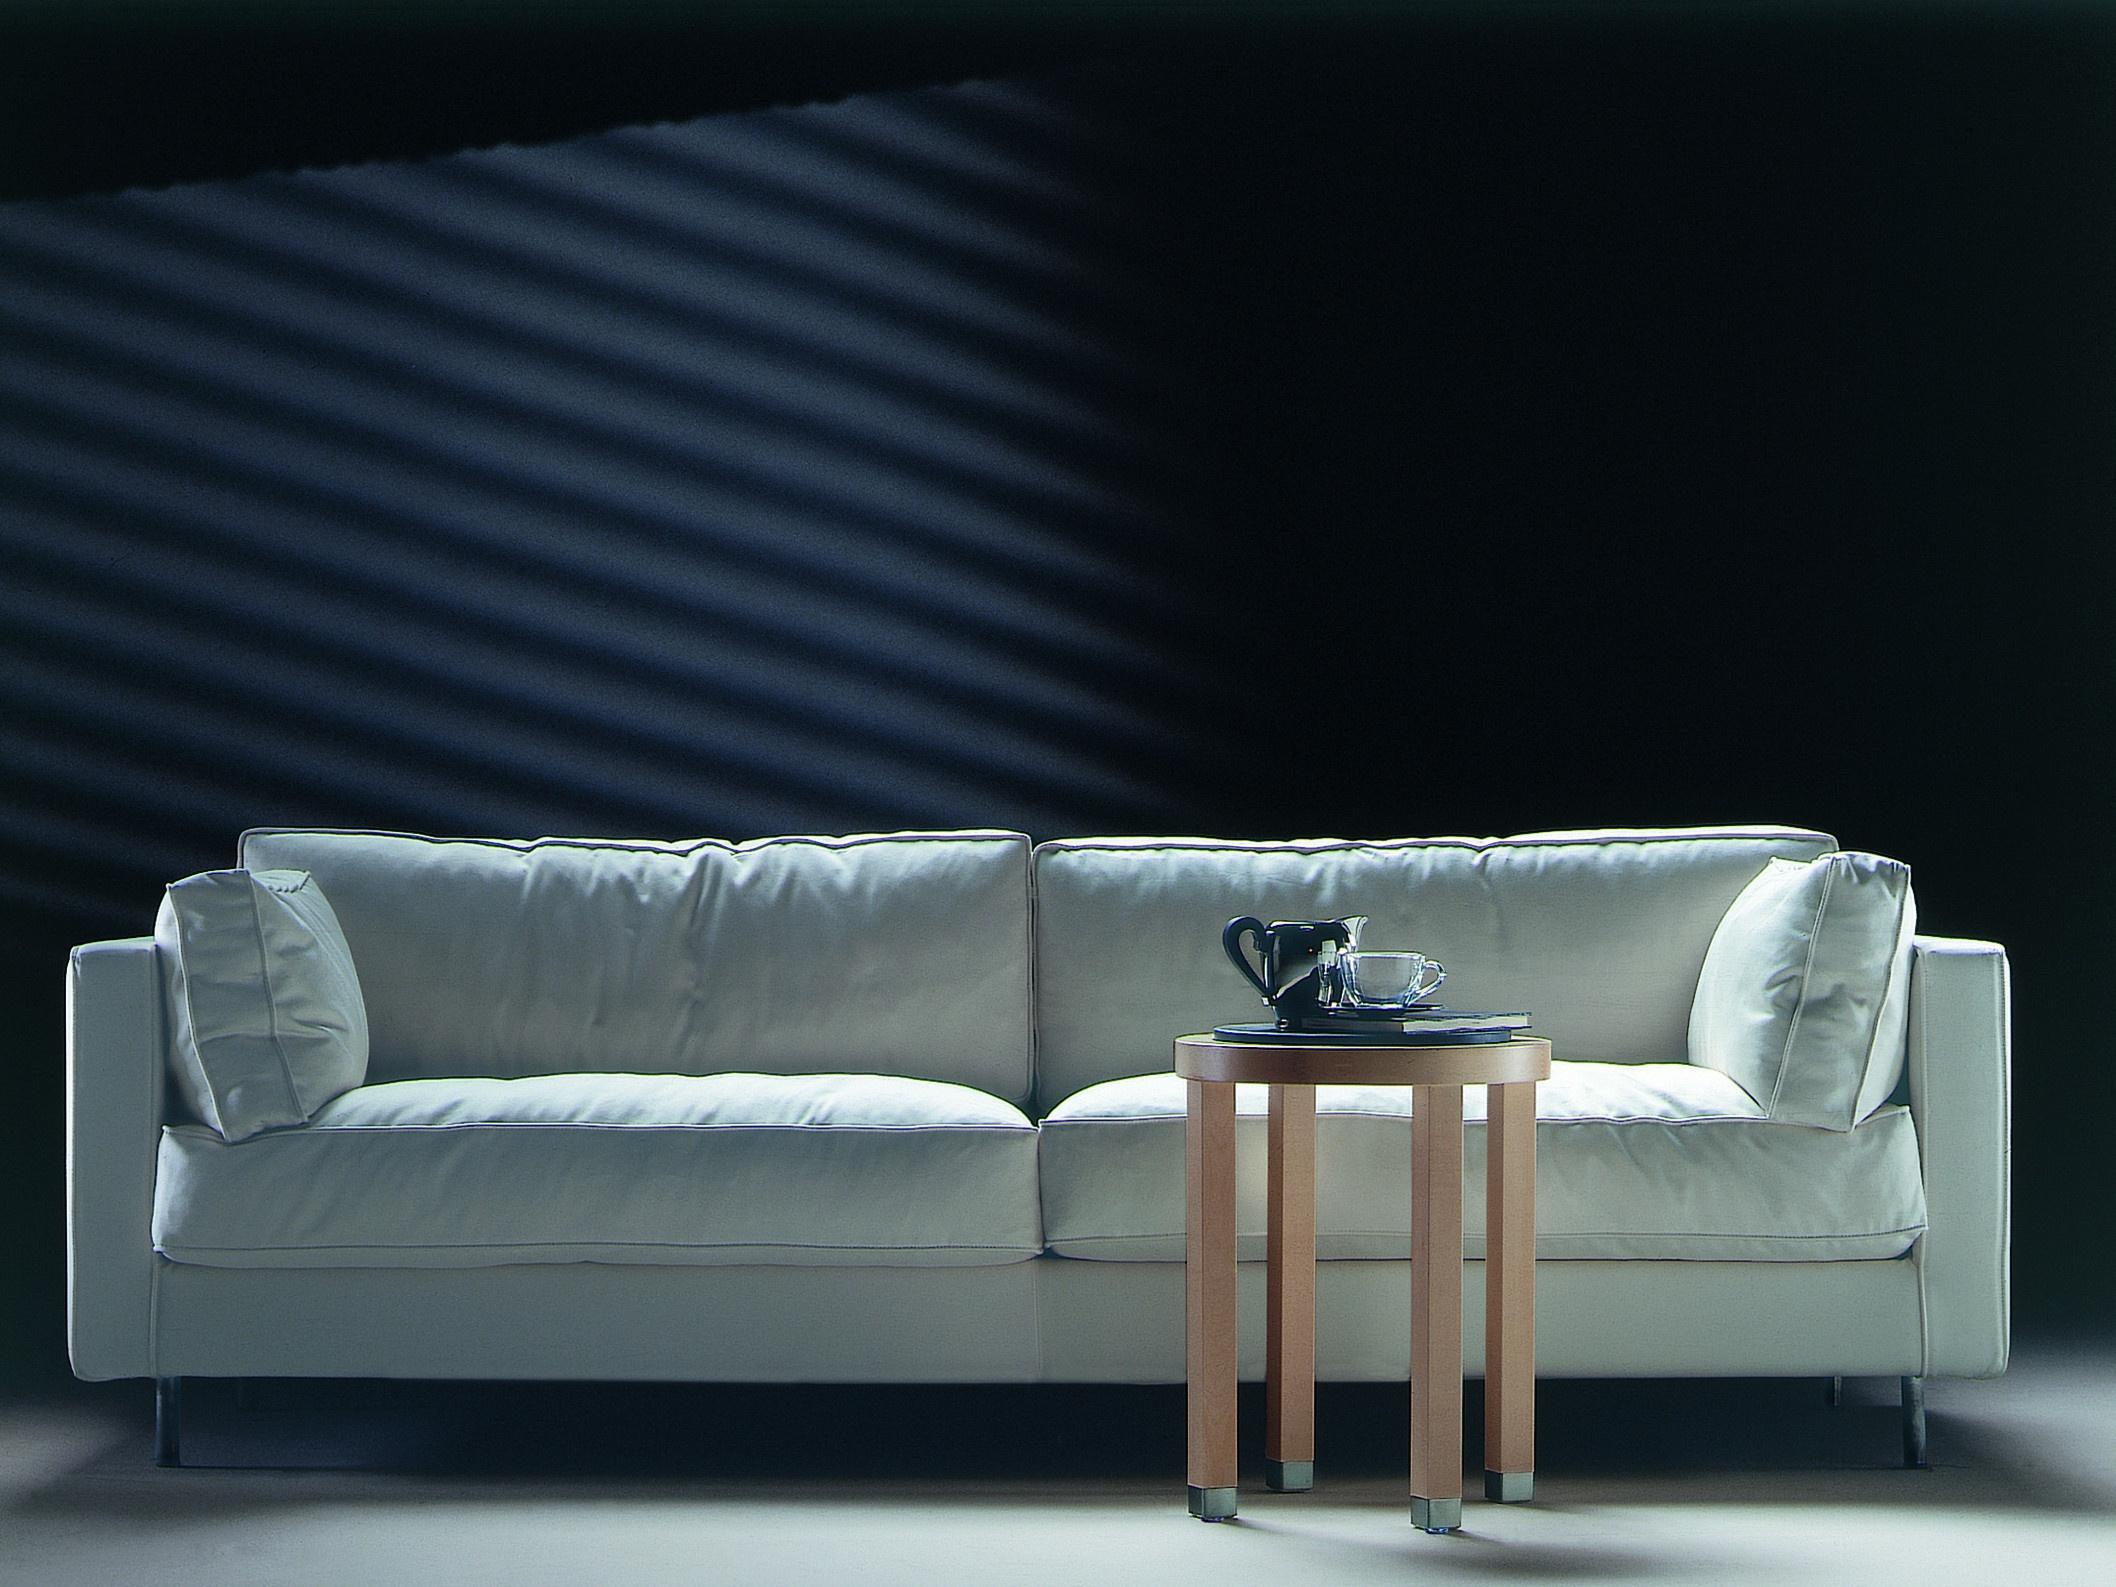 Full Size of Flexform Furniture Sofa Ebay Kleinanzeigen Sale Groundpiece Gebraucht Bed Lifesteel Adda Review Twins Romeo Cestone Cost Eden Gary Auf Einem Rahmen Aus Holz Sofa Flexform Sofa